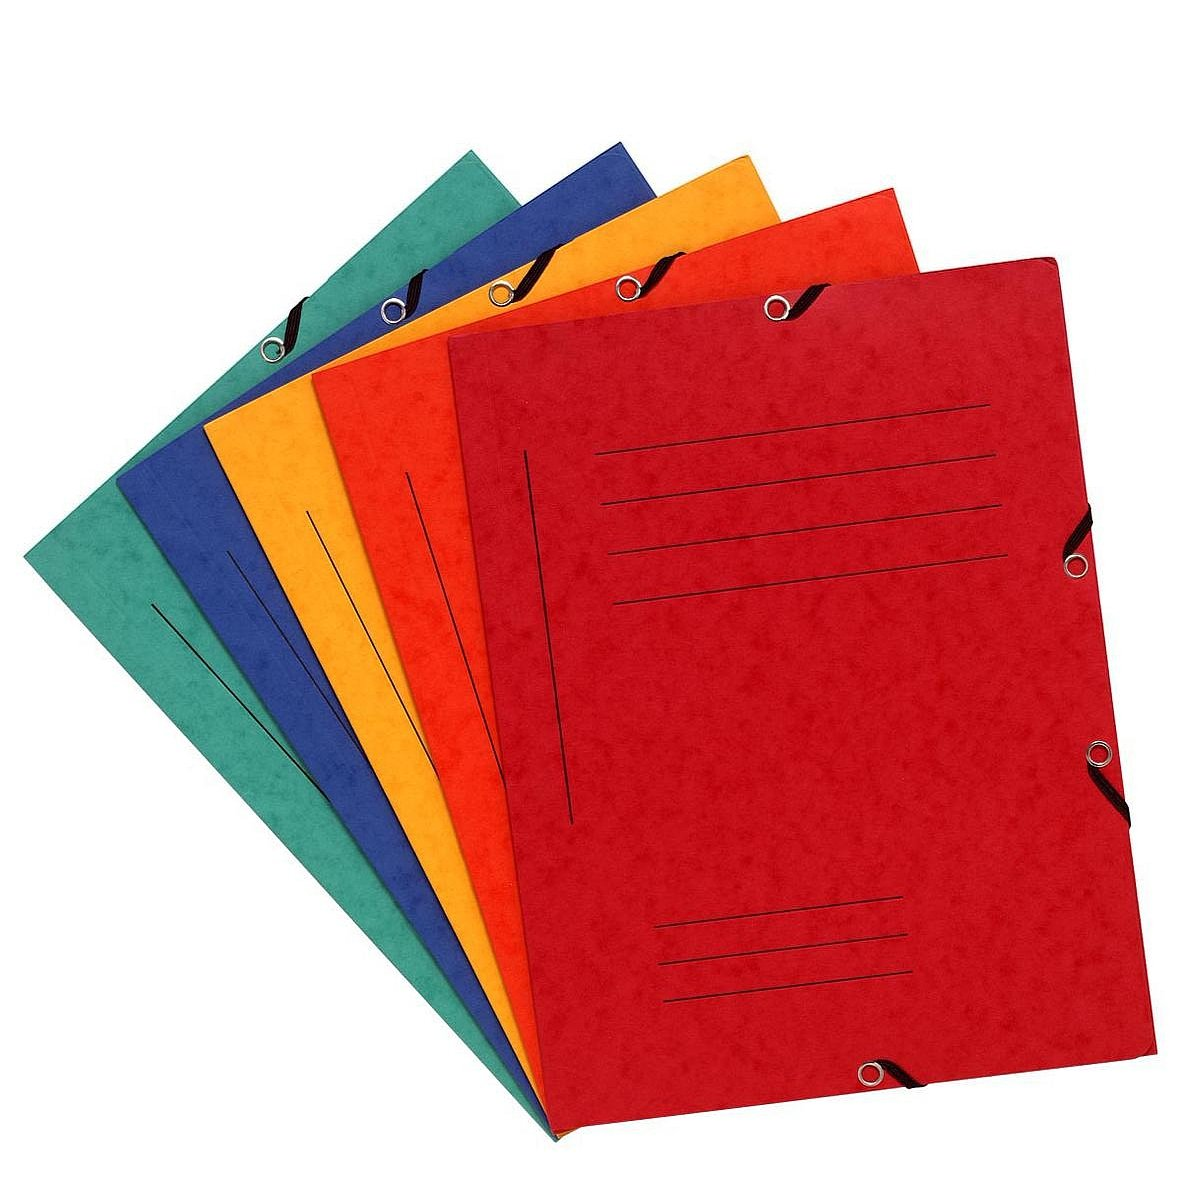 colori assortiti con elastici e 3 alette Cartellette in cartoncino Manila da 355 g//mq Exacompta 55360E 10 pz formato DIN A4 copertina con tabella prestampata